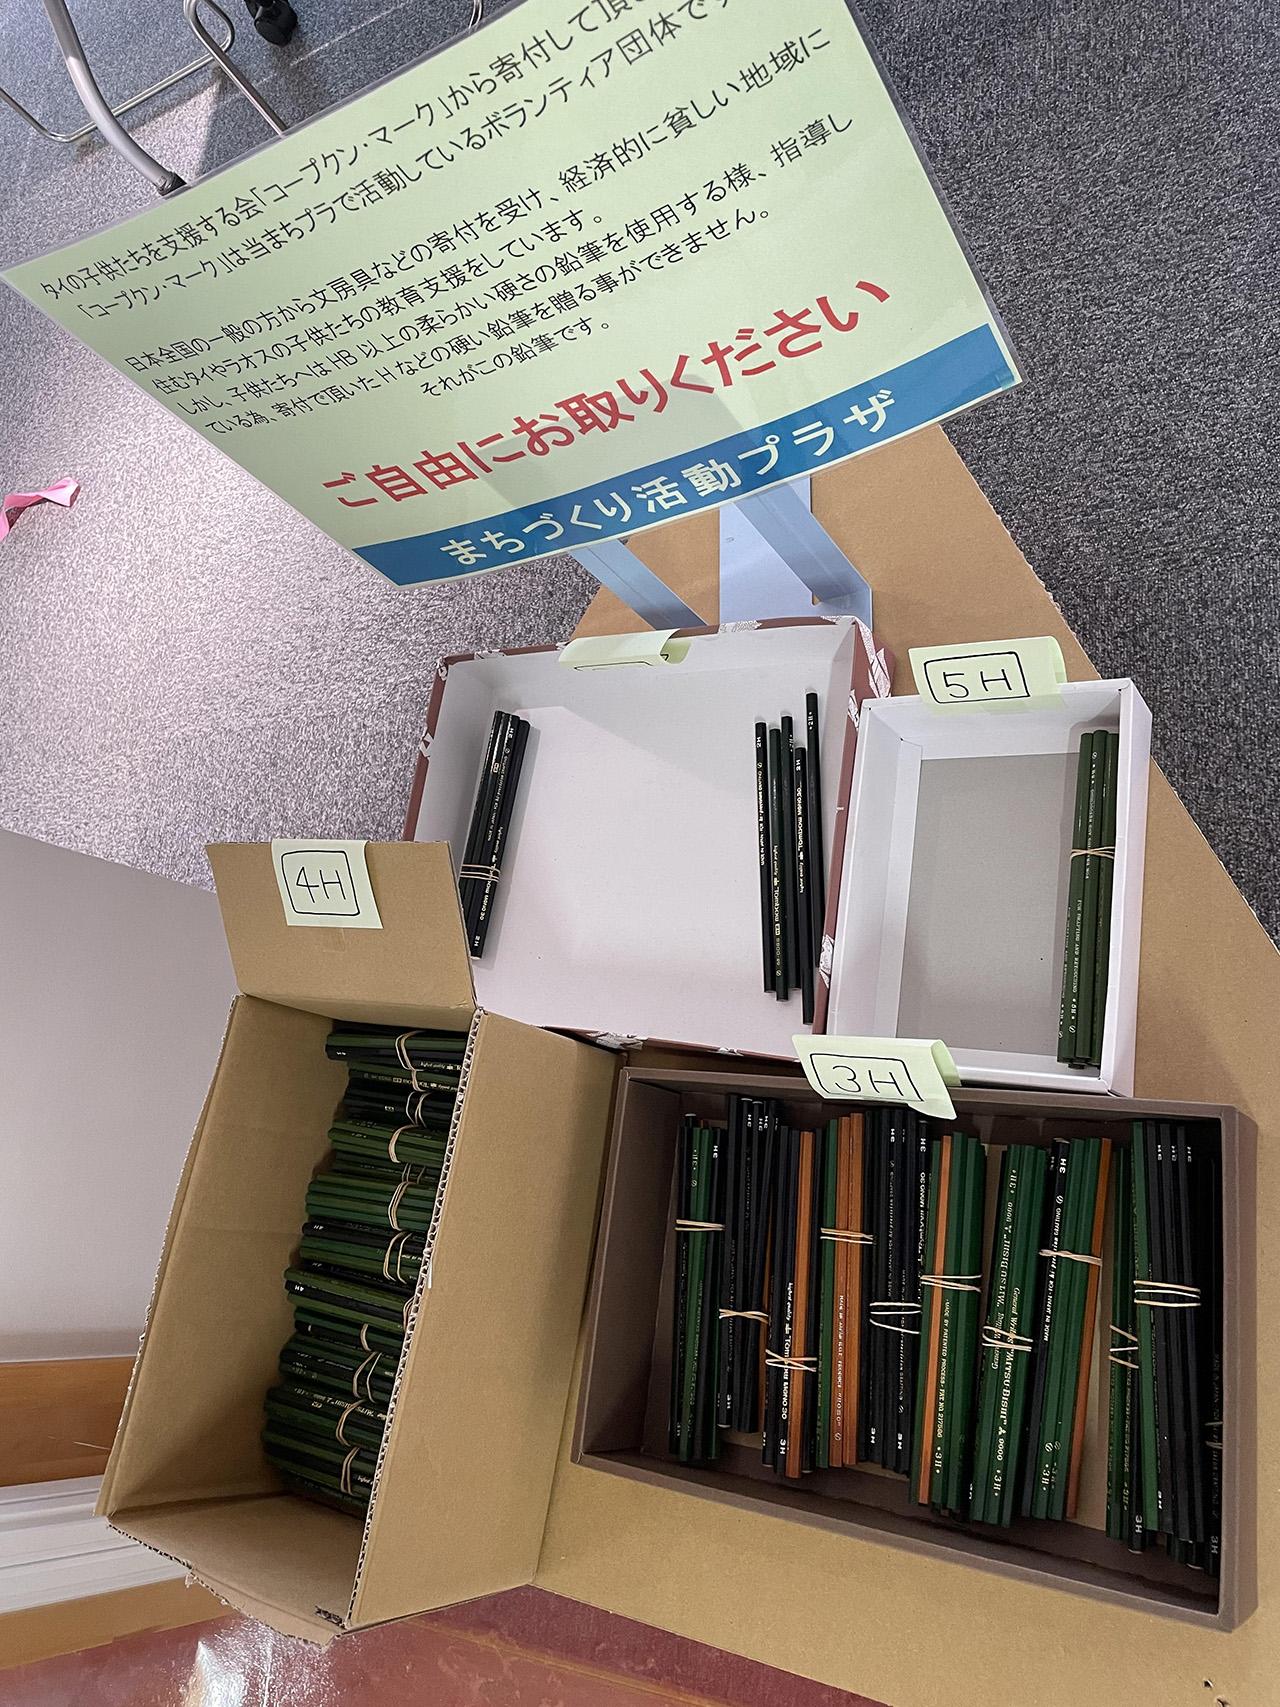 ご自由にお取りくださいと書かれた鉛筆のボックスの写真